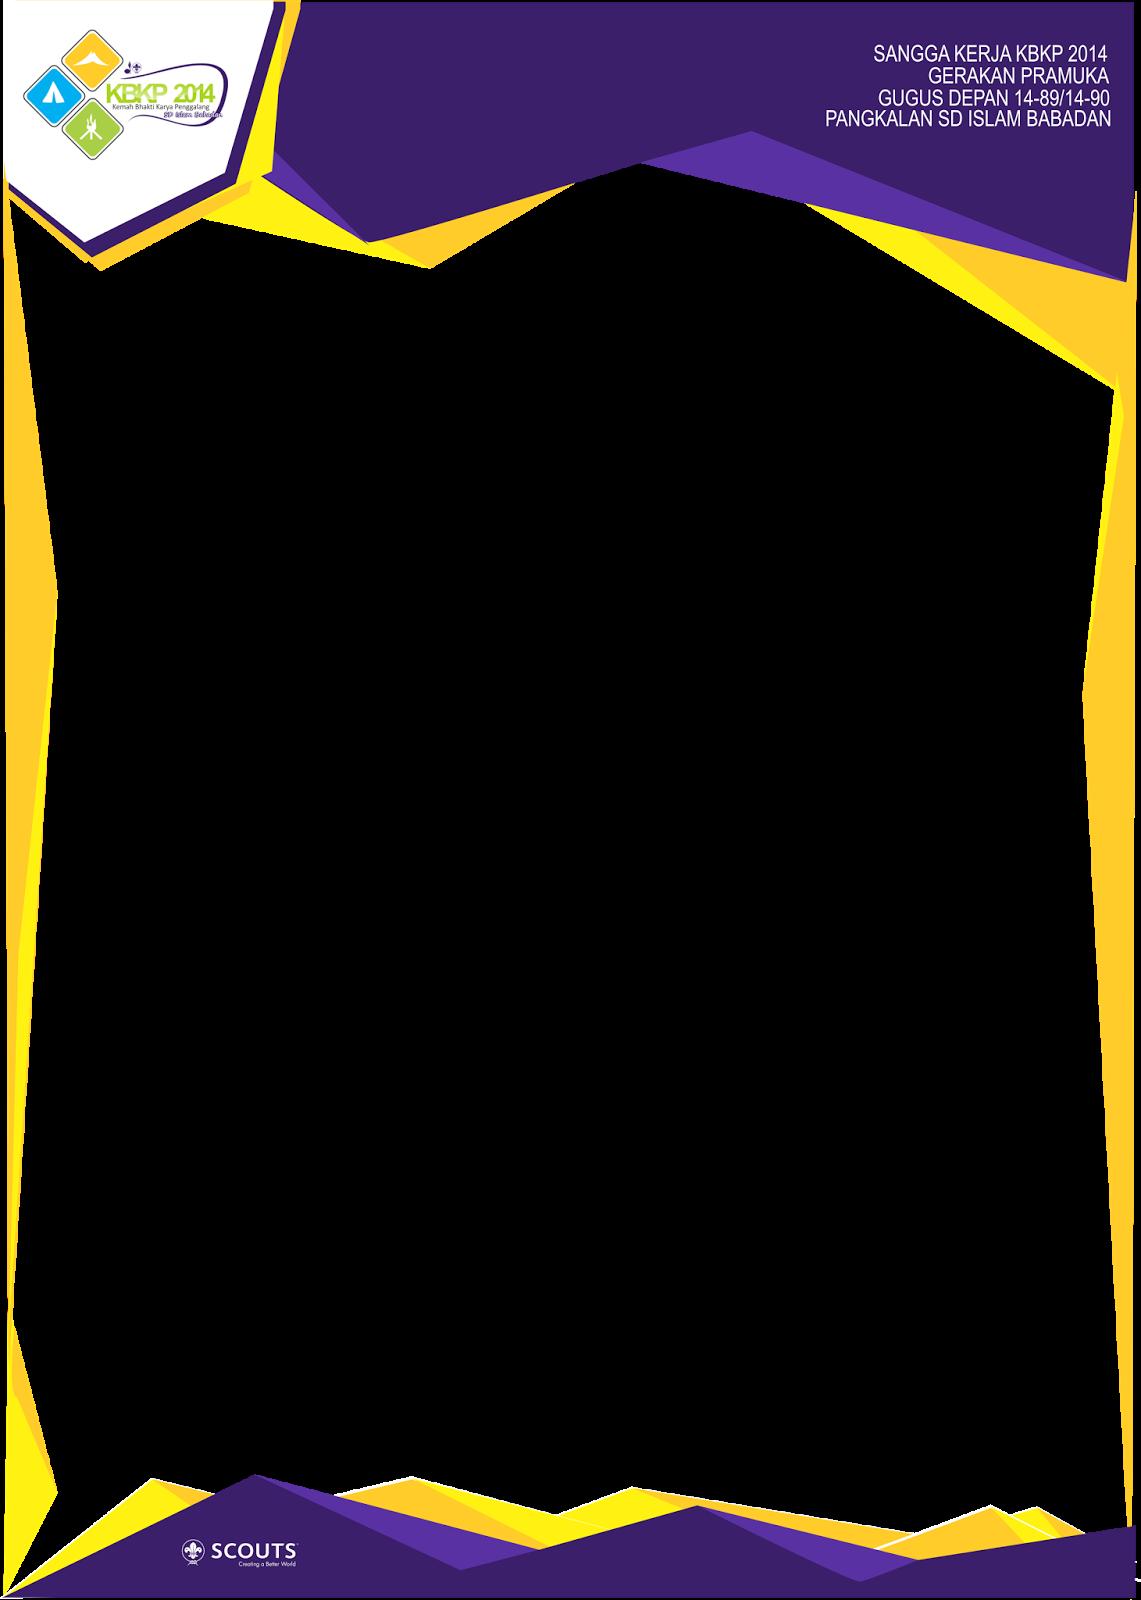 Desain Proposal Kegiatan Pramuka 5